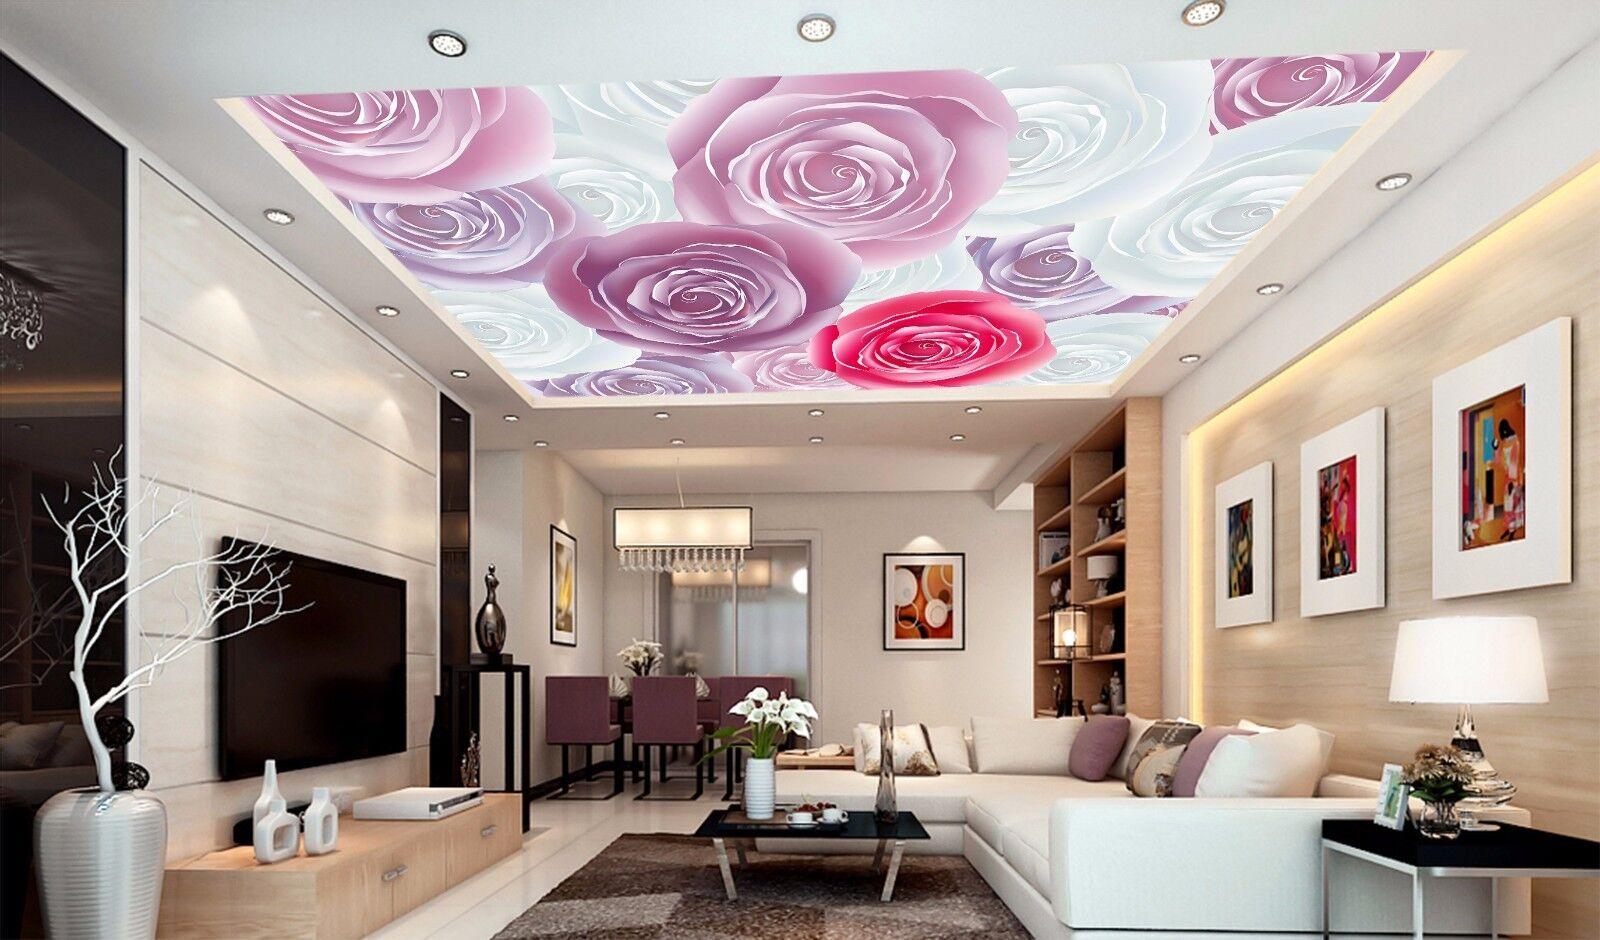 3D Petals 56 Ceiling WallPaper Murals Wall Print Decal Deco AJ WALLPAPER AU